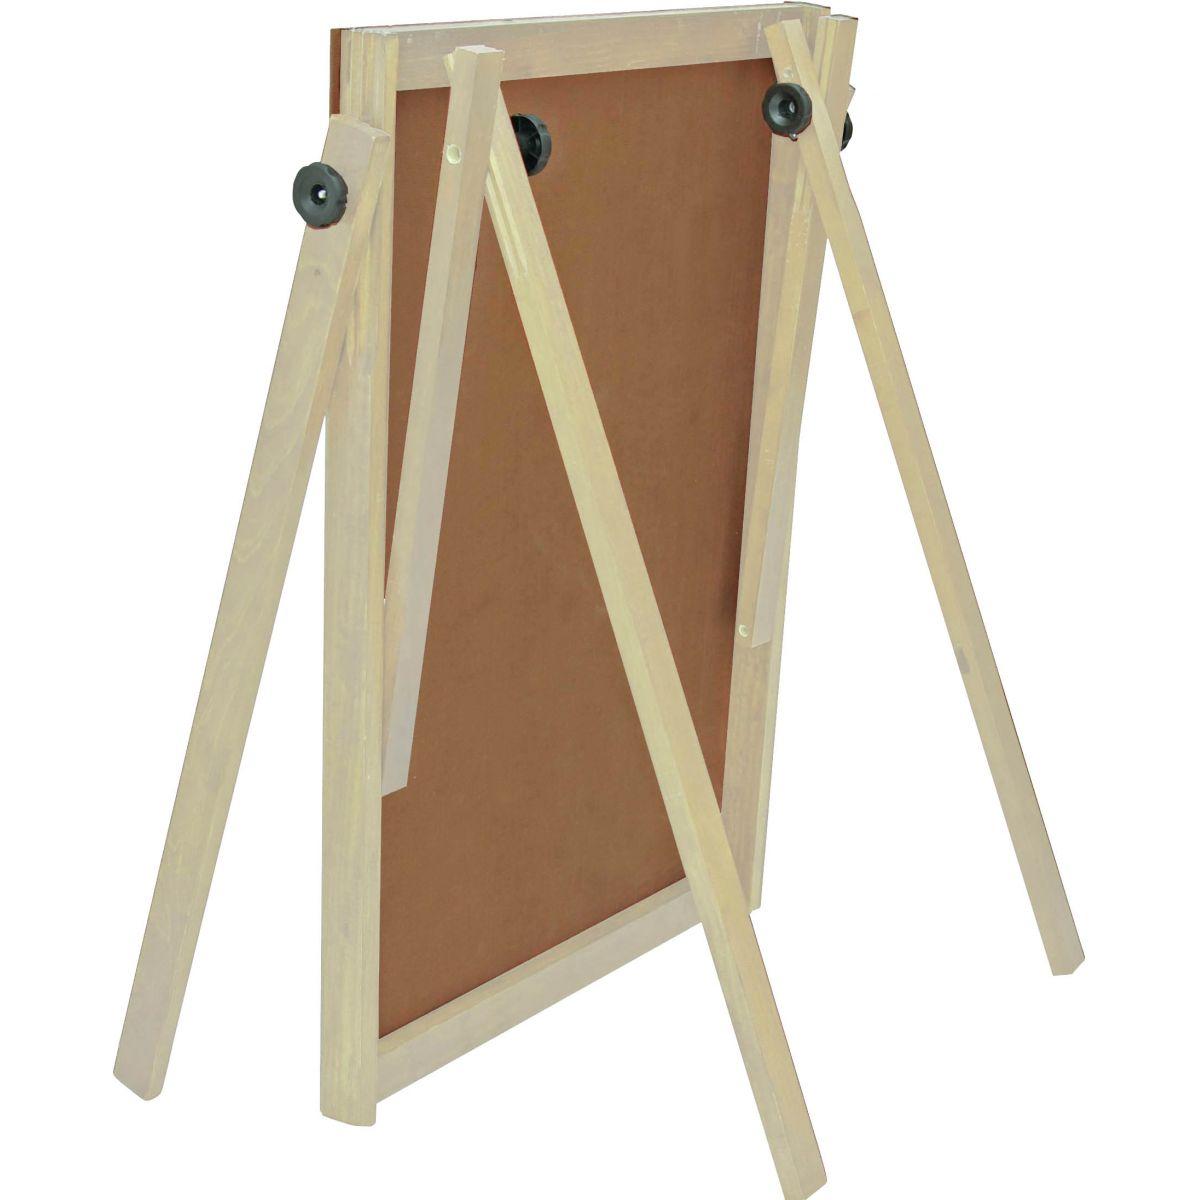 Cavalete Flip Chart Porta Bloco Com Quadro Branco Estrutura Madeira Pinus Natural Altura Ajustável 1,63 ou 1,72 Metros 2510 SOUZA